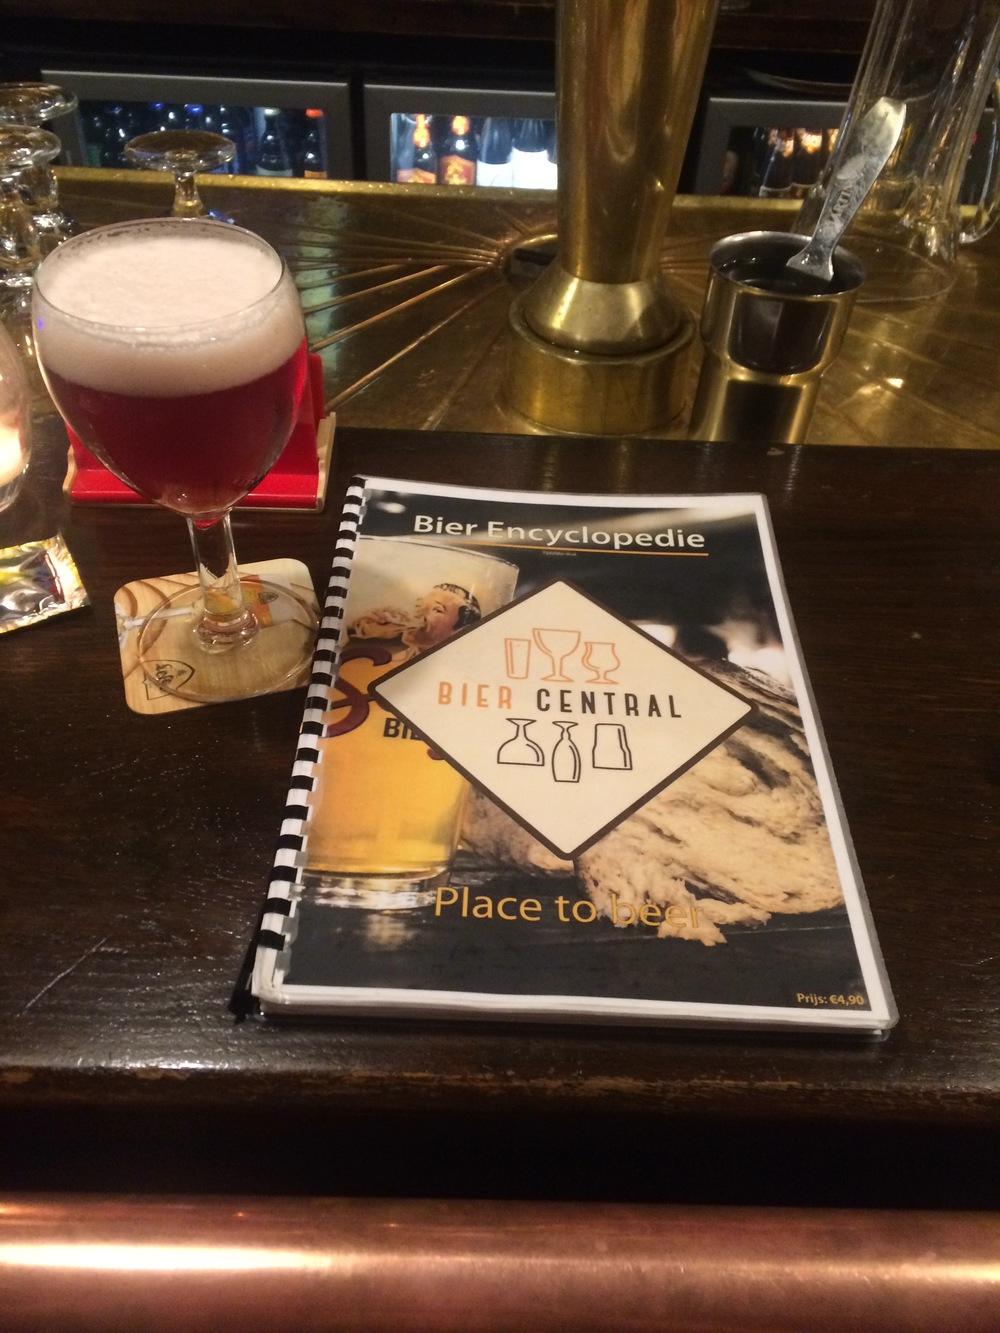 Antwerp Bier Central,300 beers in the Encyclopedie